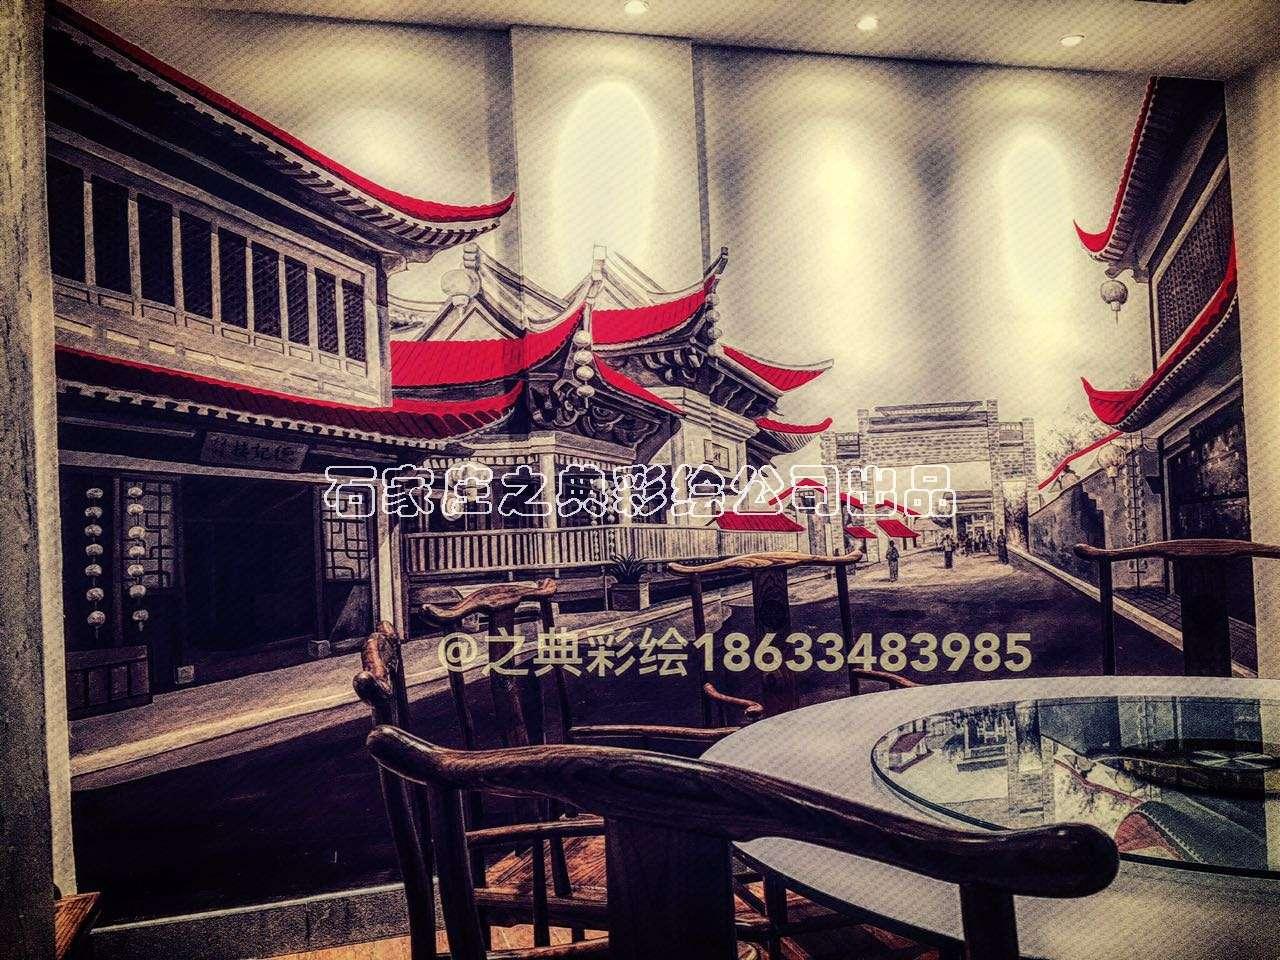 厦门德记楼老北京文化墙体彩绘壁画--之典彩绘出品